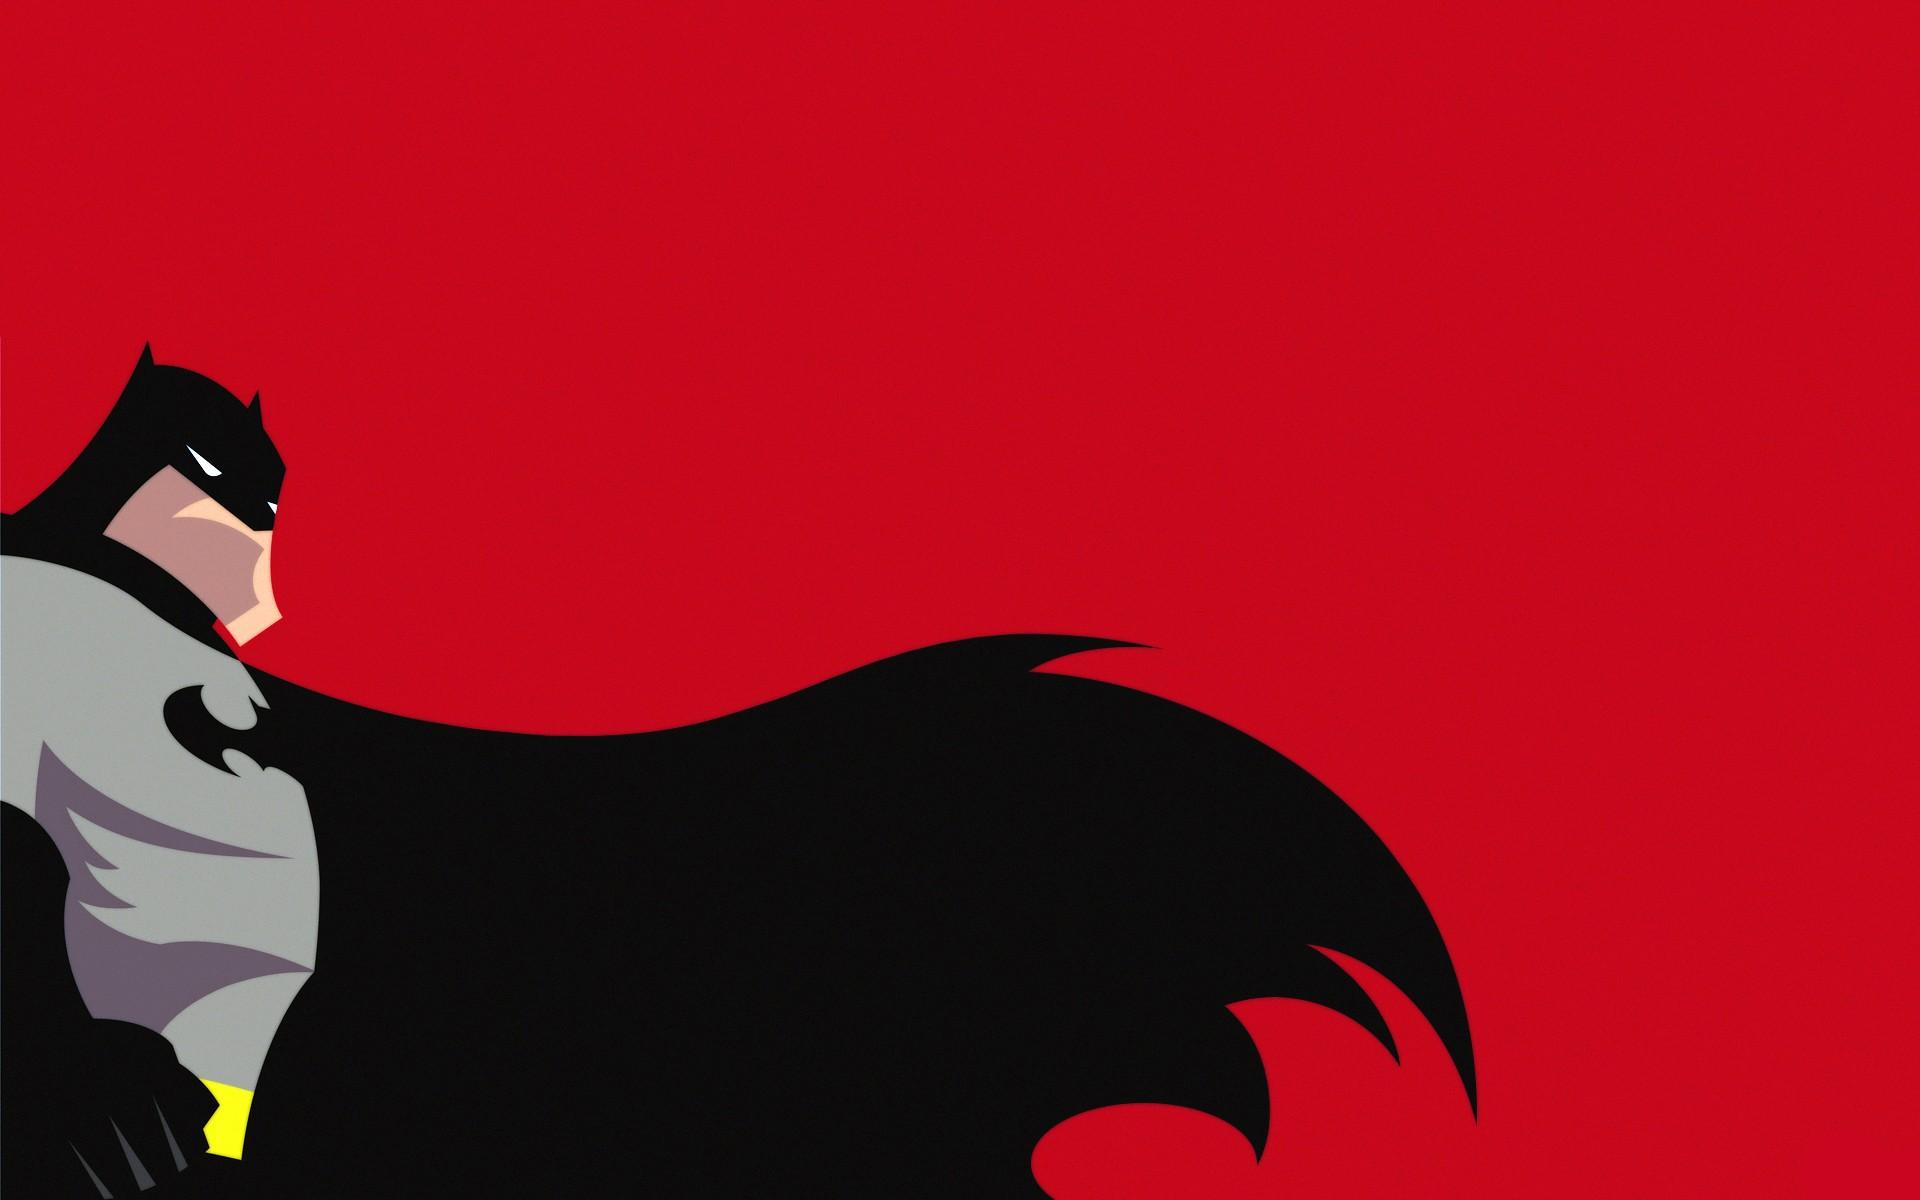 Sfondi illustrazione minimalismo rosso silhouette for Sfondi batman